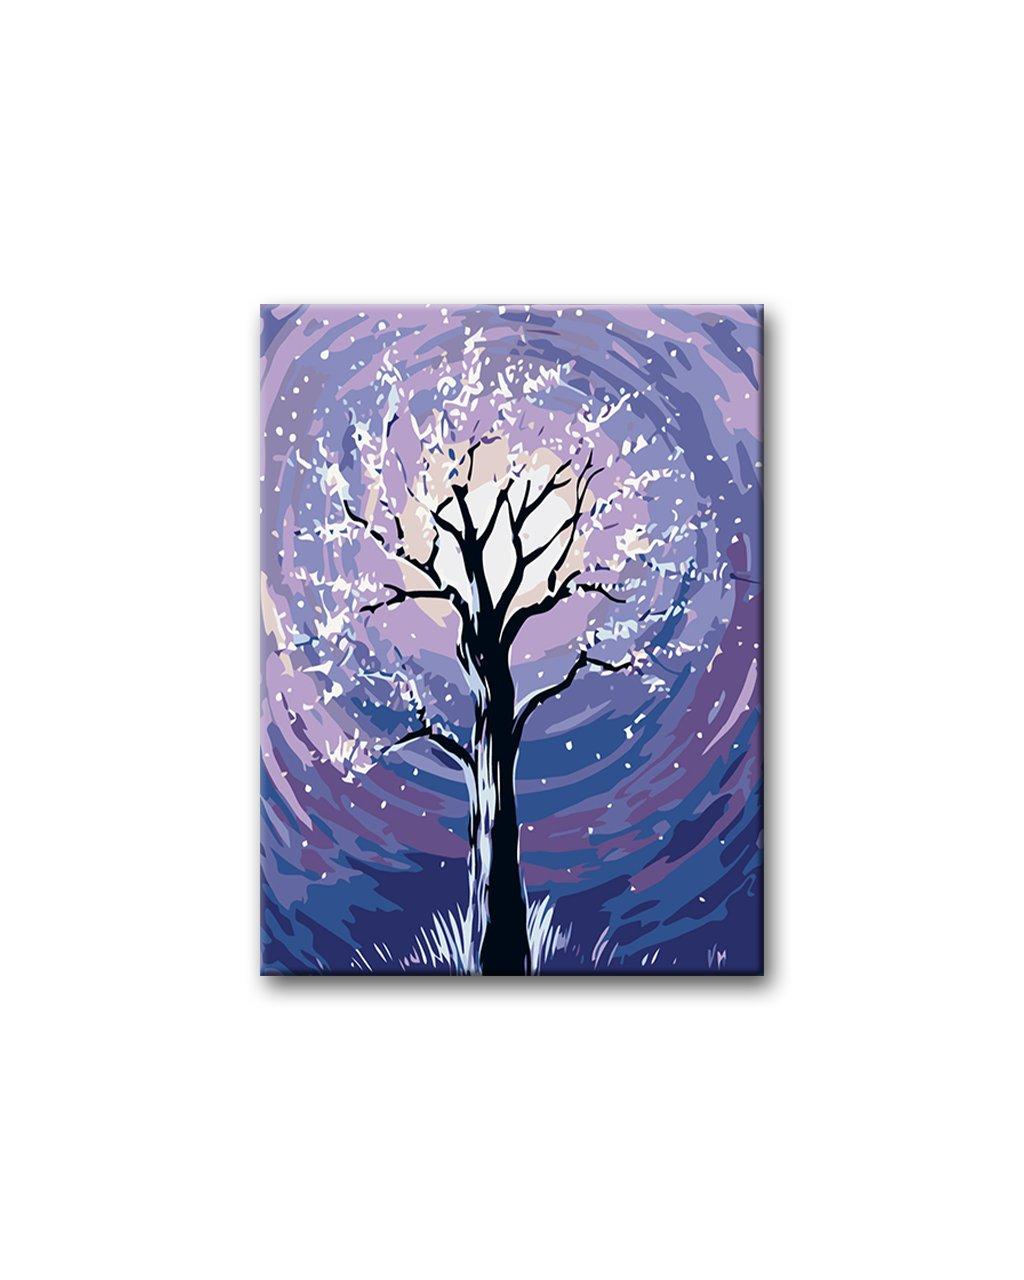 Malowanie po numerach - Drzewo w pełni księżyca i padający śnieg